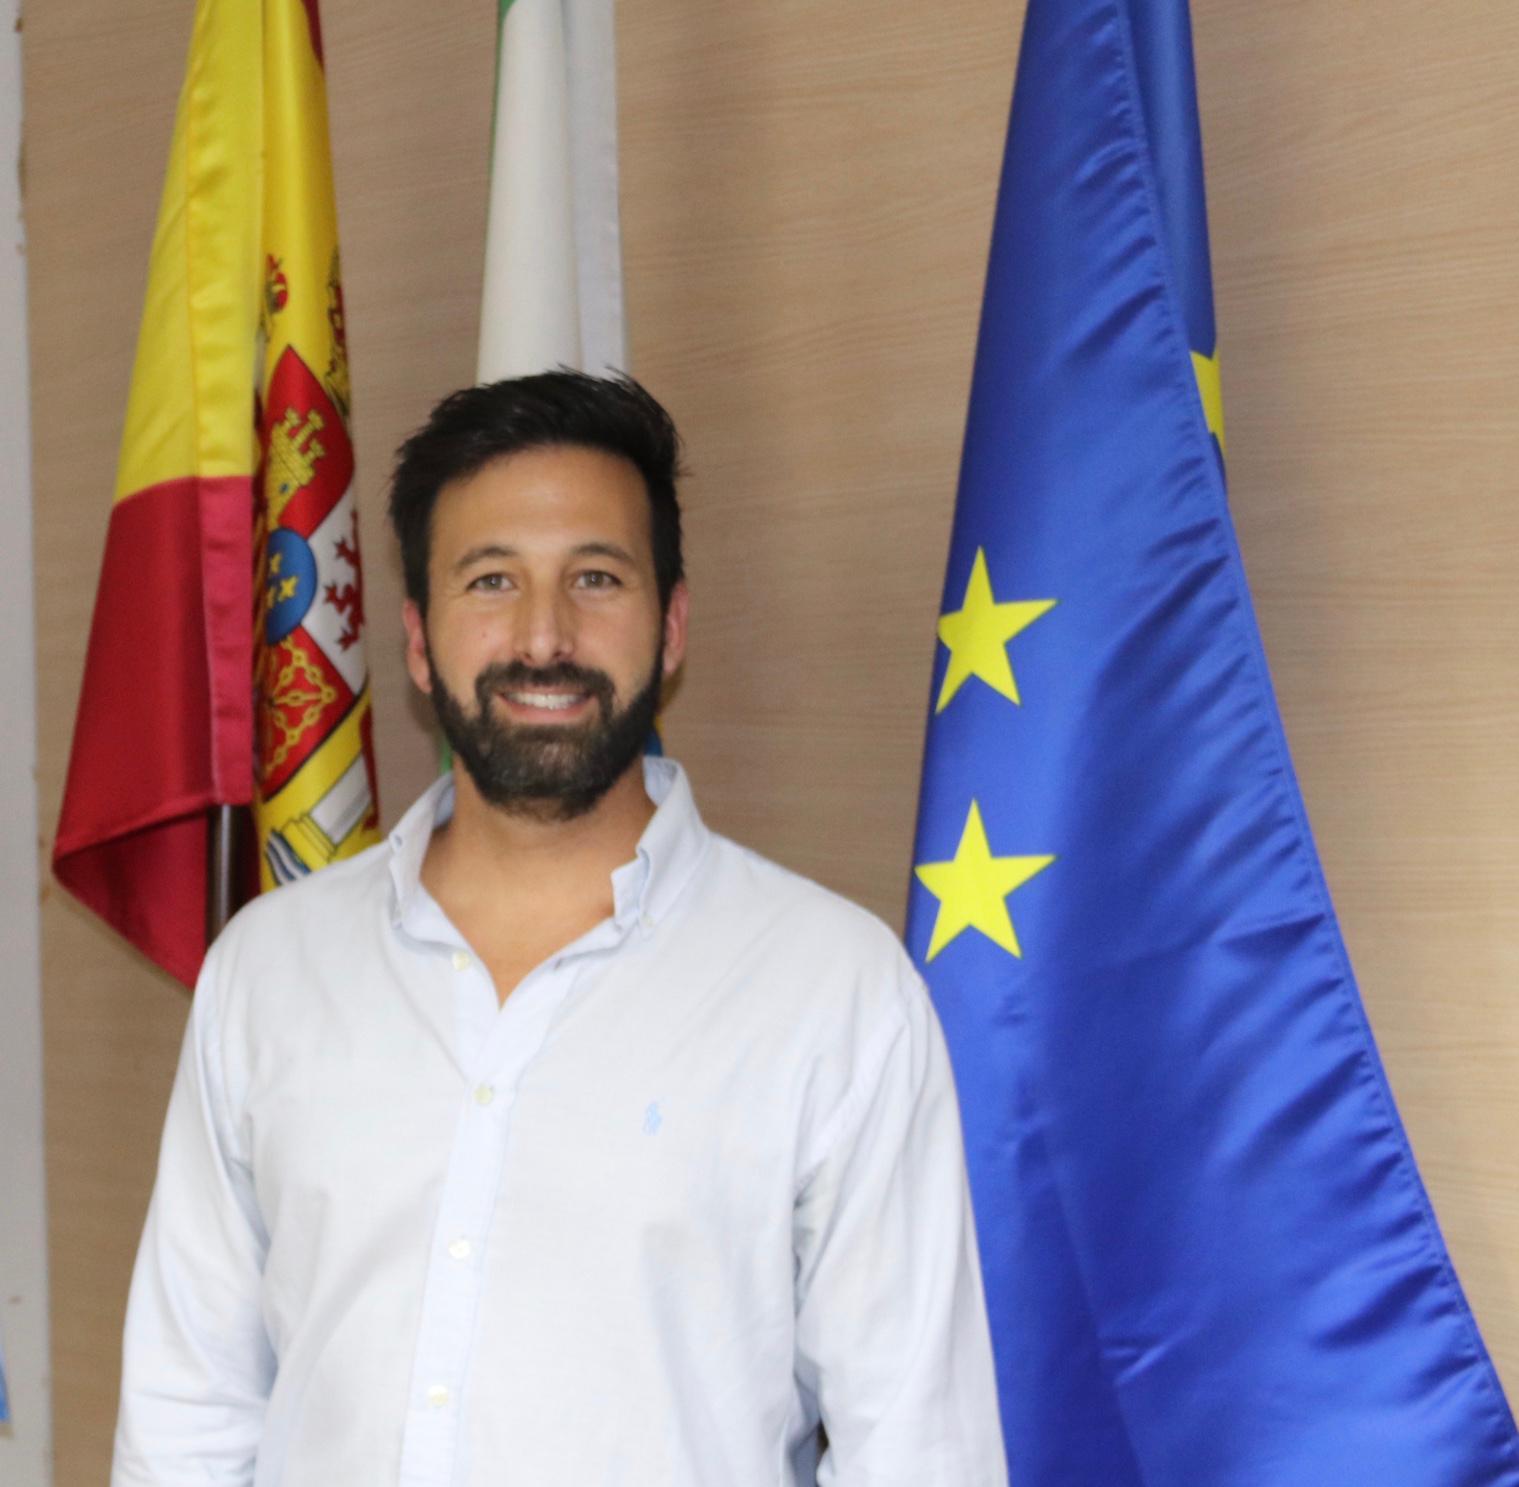 Jorge Martín Trancón